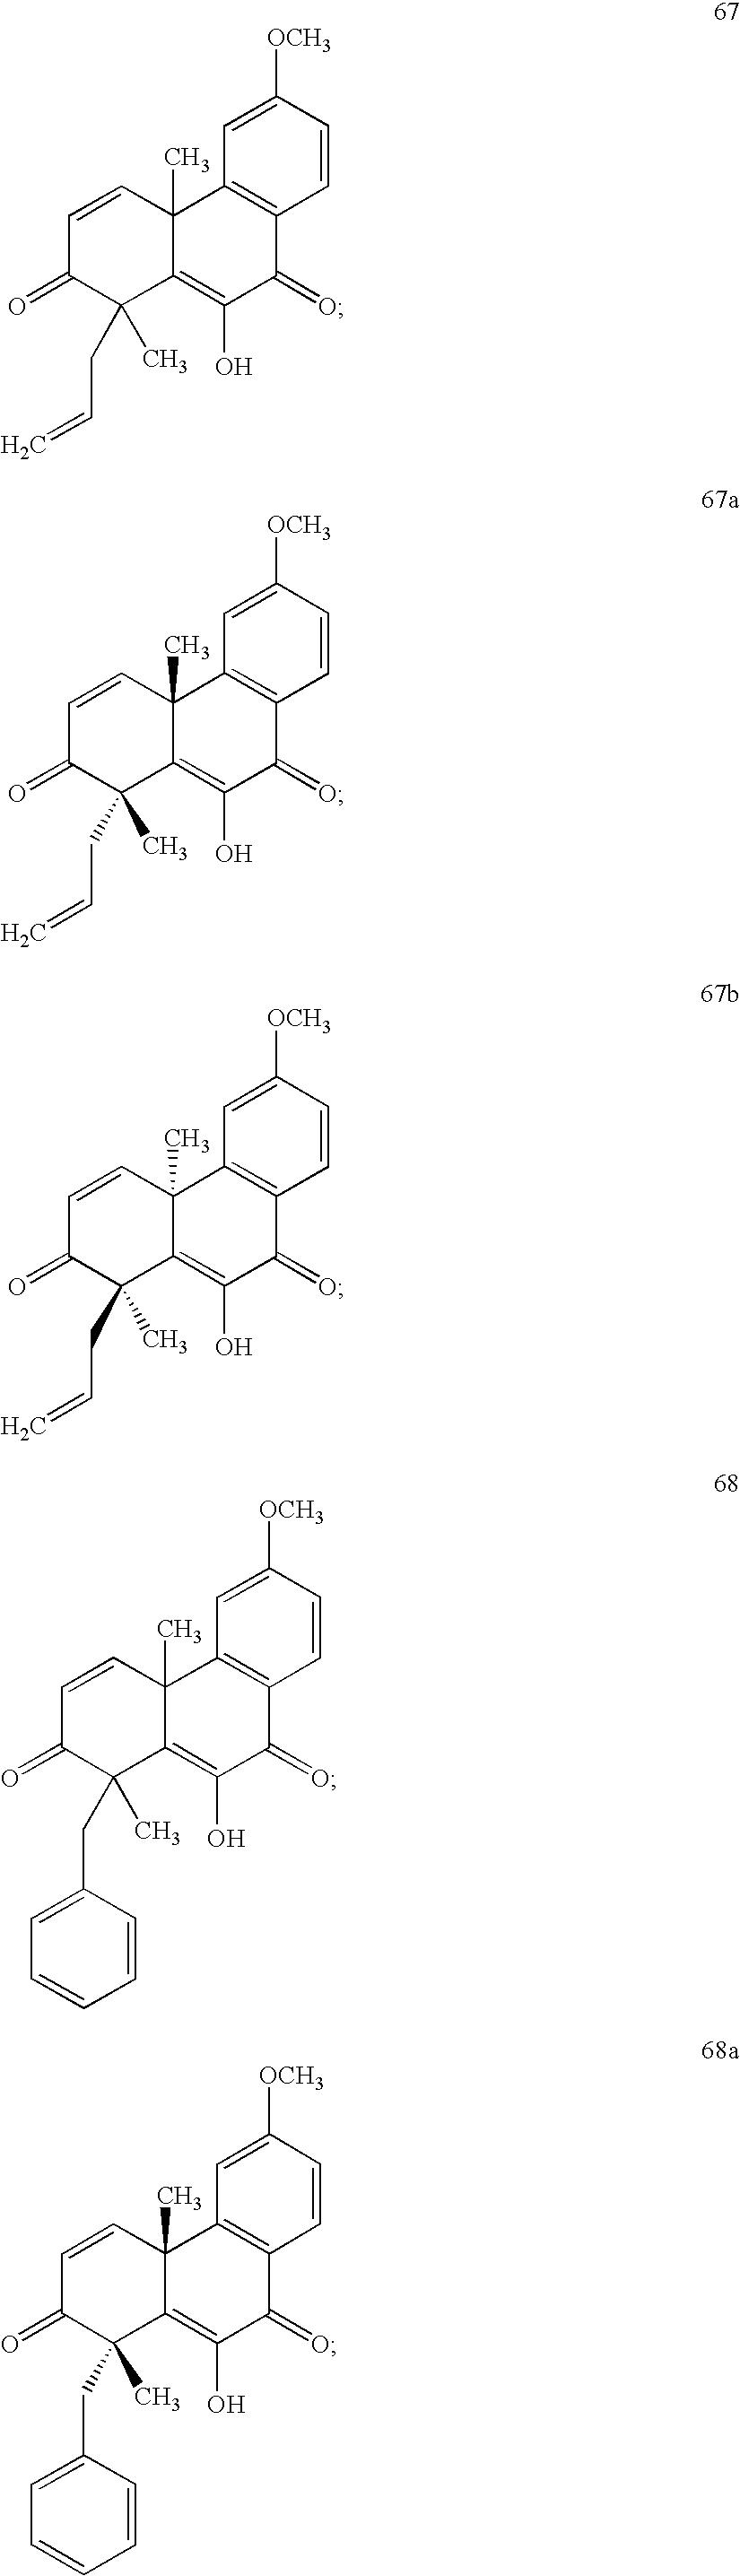 Figure US07217844-20070515-C00009